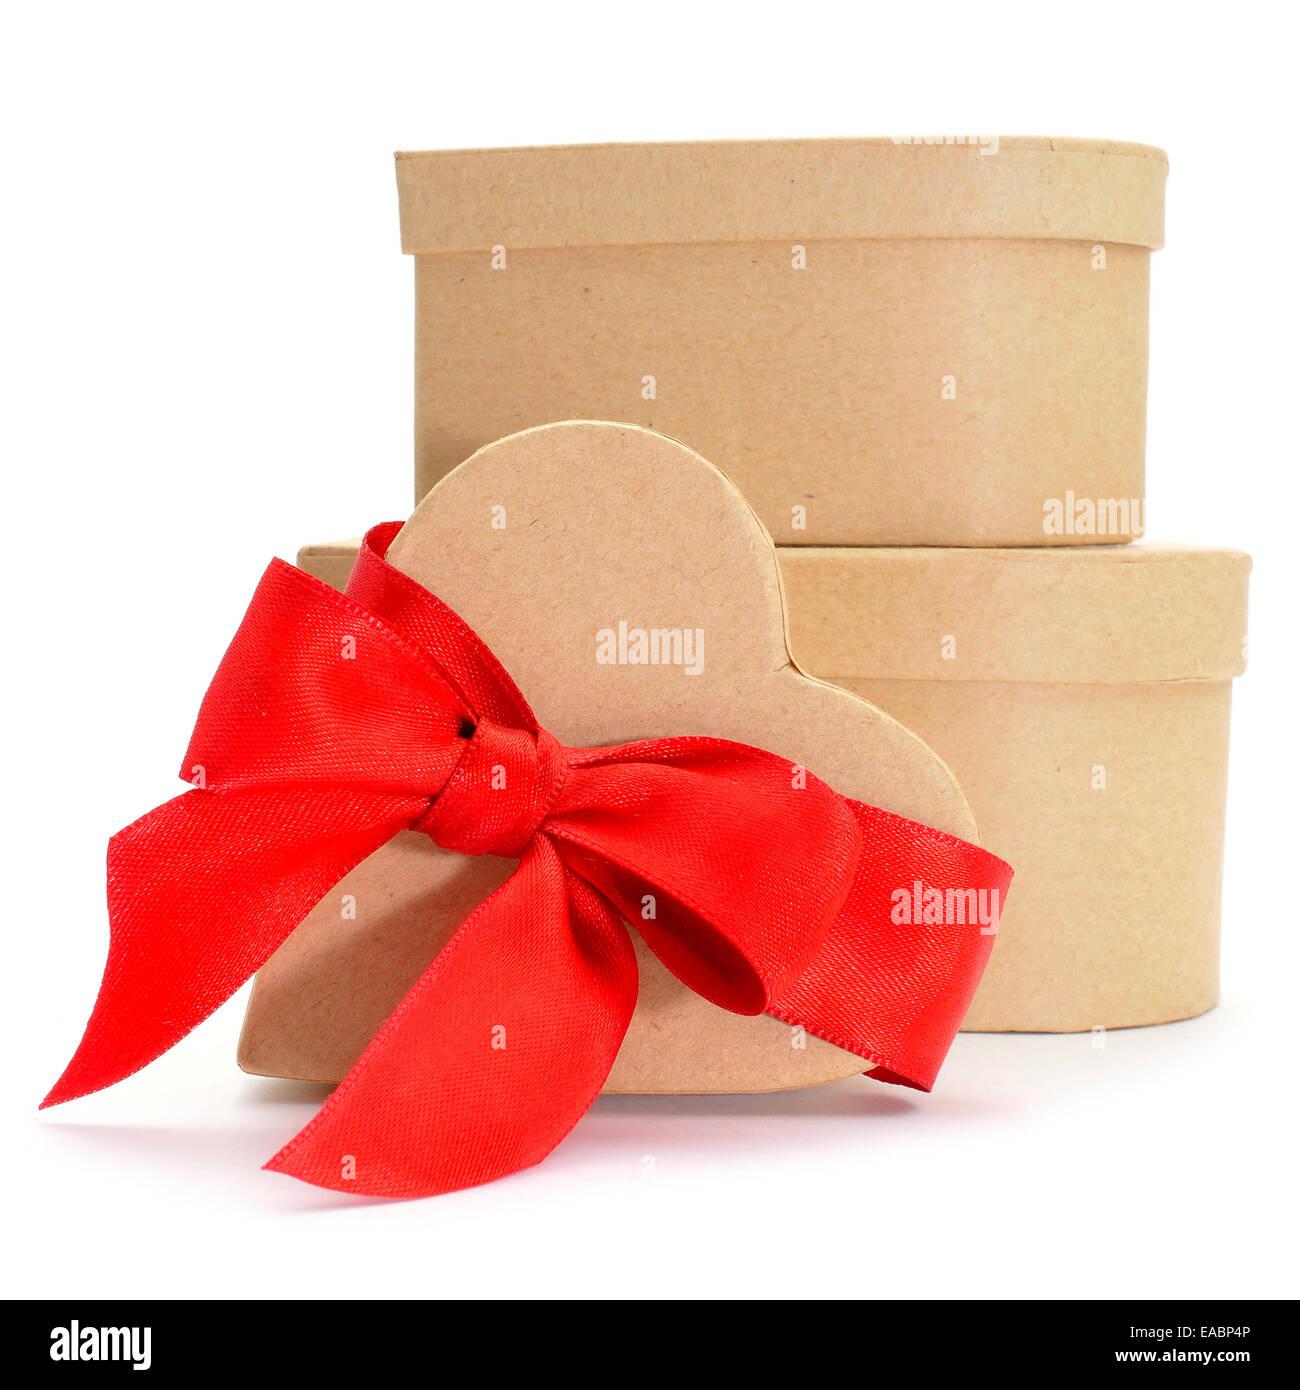 Alcuni a forma di cuore scatole regalo con un nastro rosso su sfondo bianco Immagini Stock